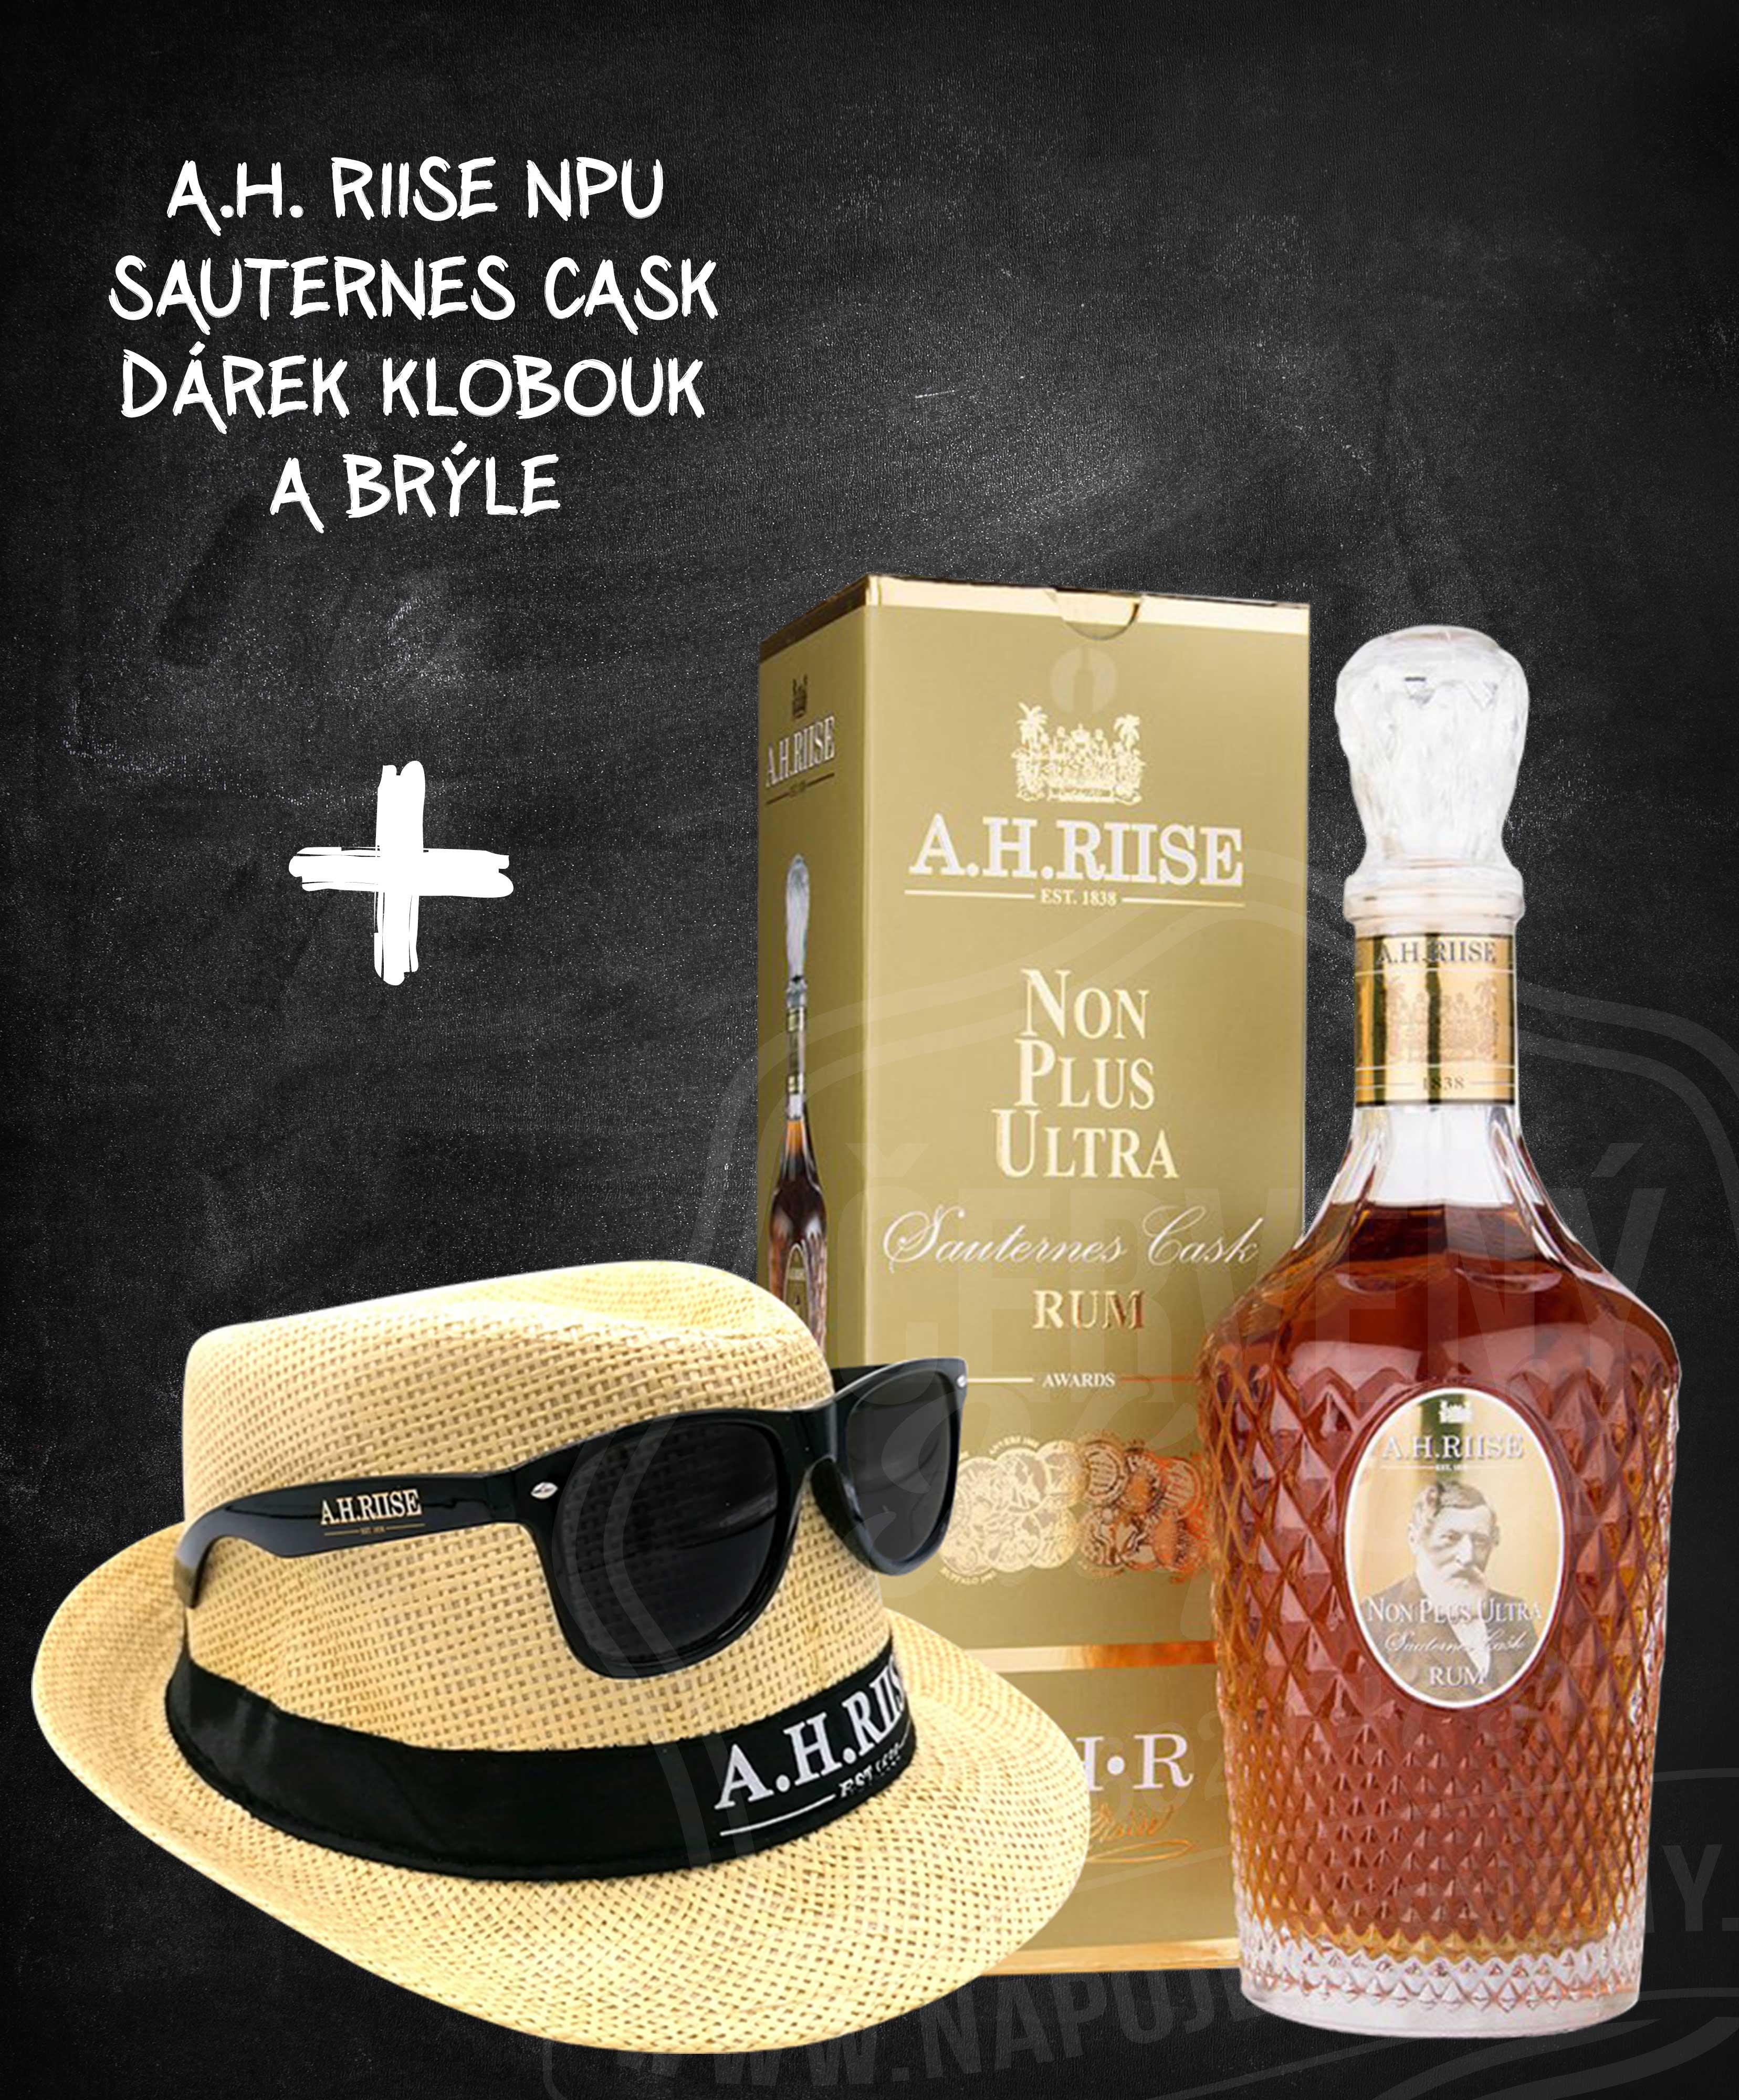 A.H.Riise Sauternes